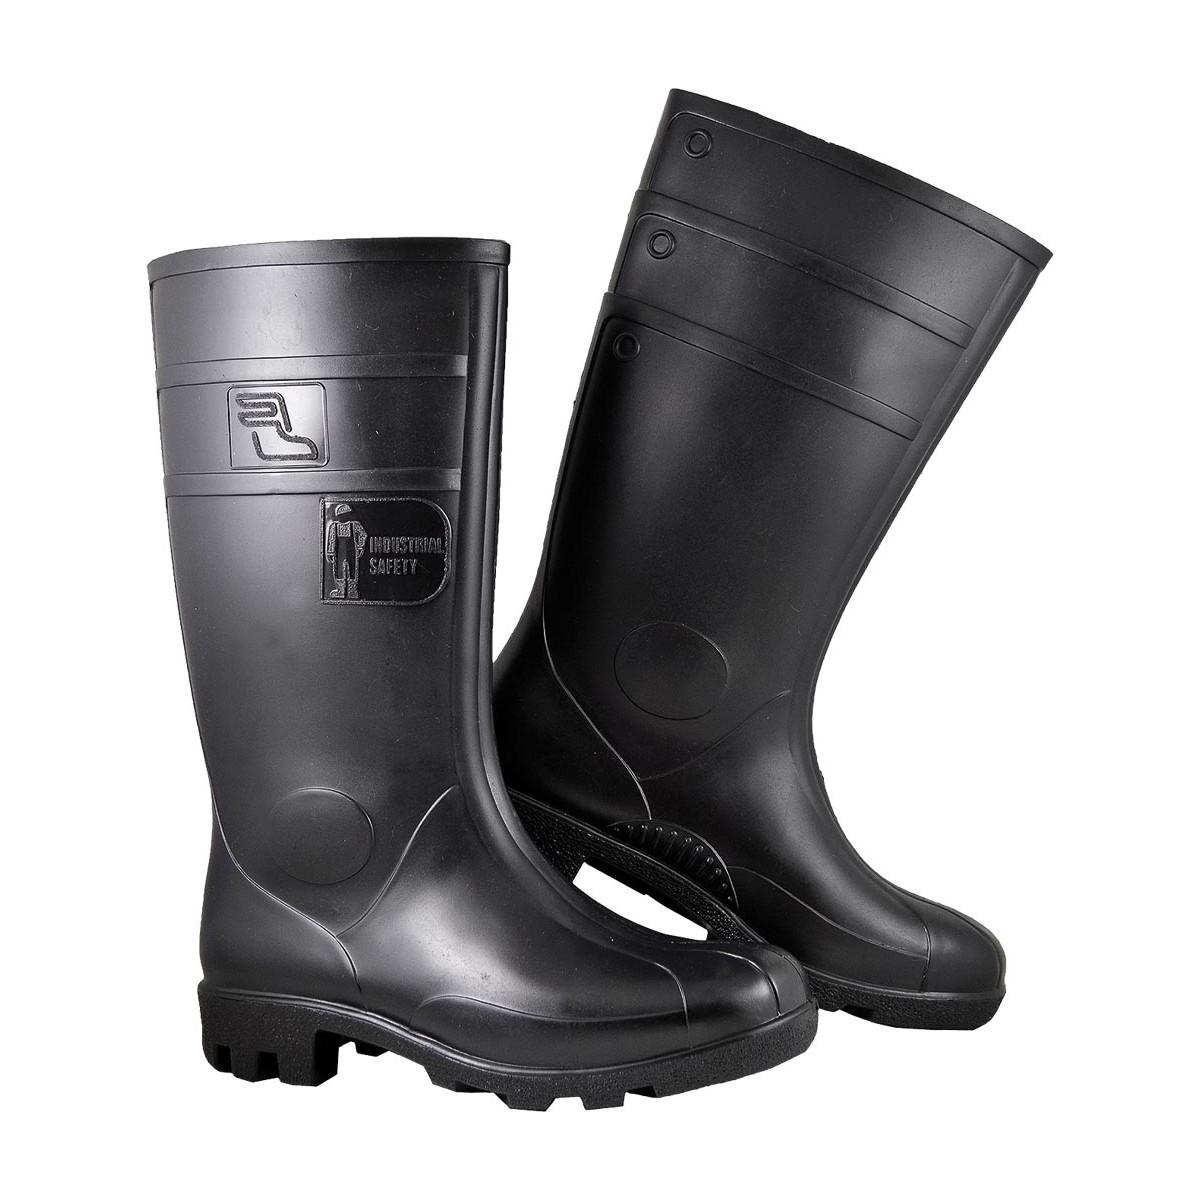 Buty zawodowe antyelektrostatyczne FAGUM-STOMIL BFPCVA13157A czarne r. 40 - 47